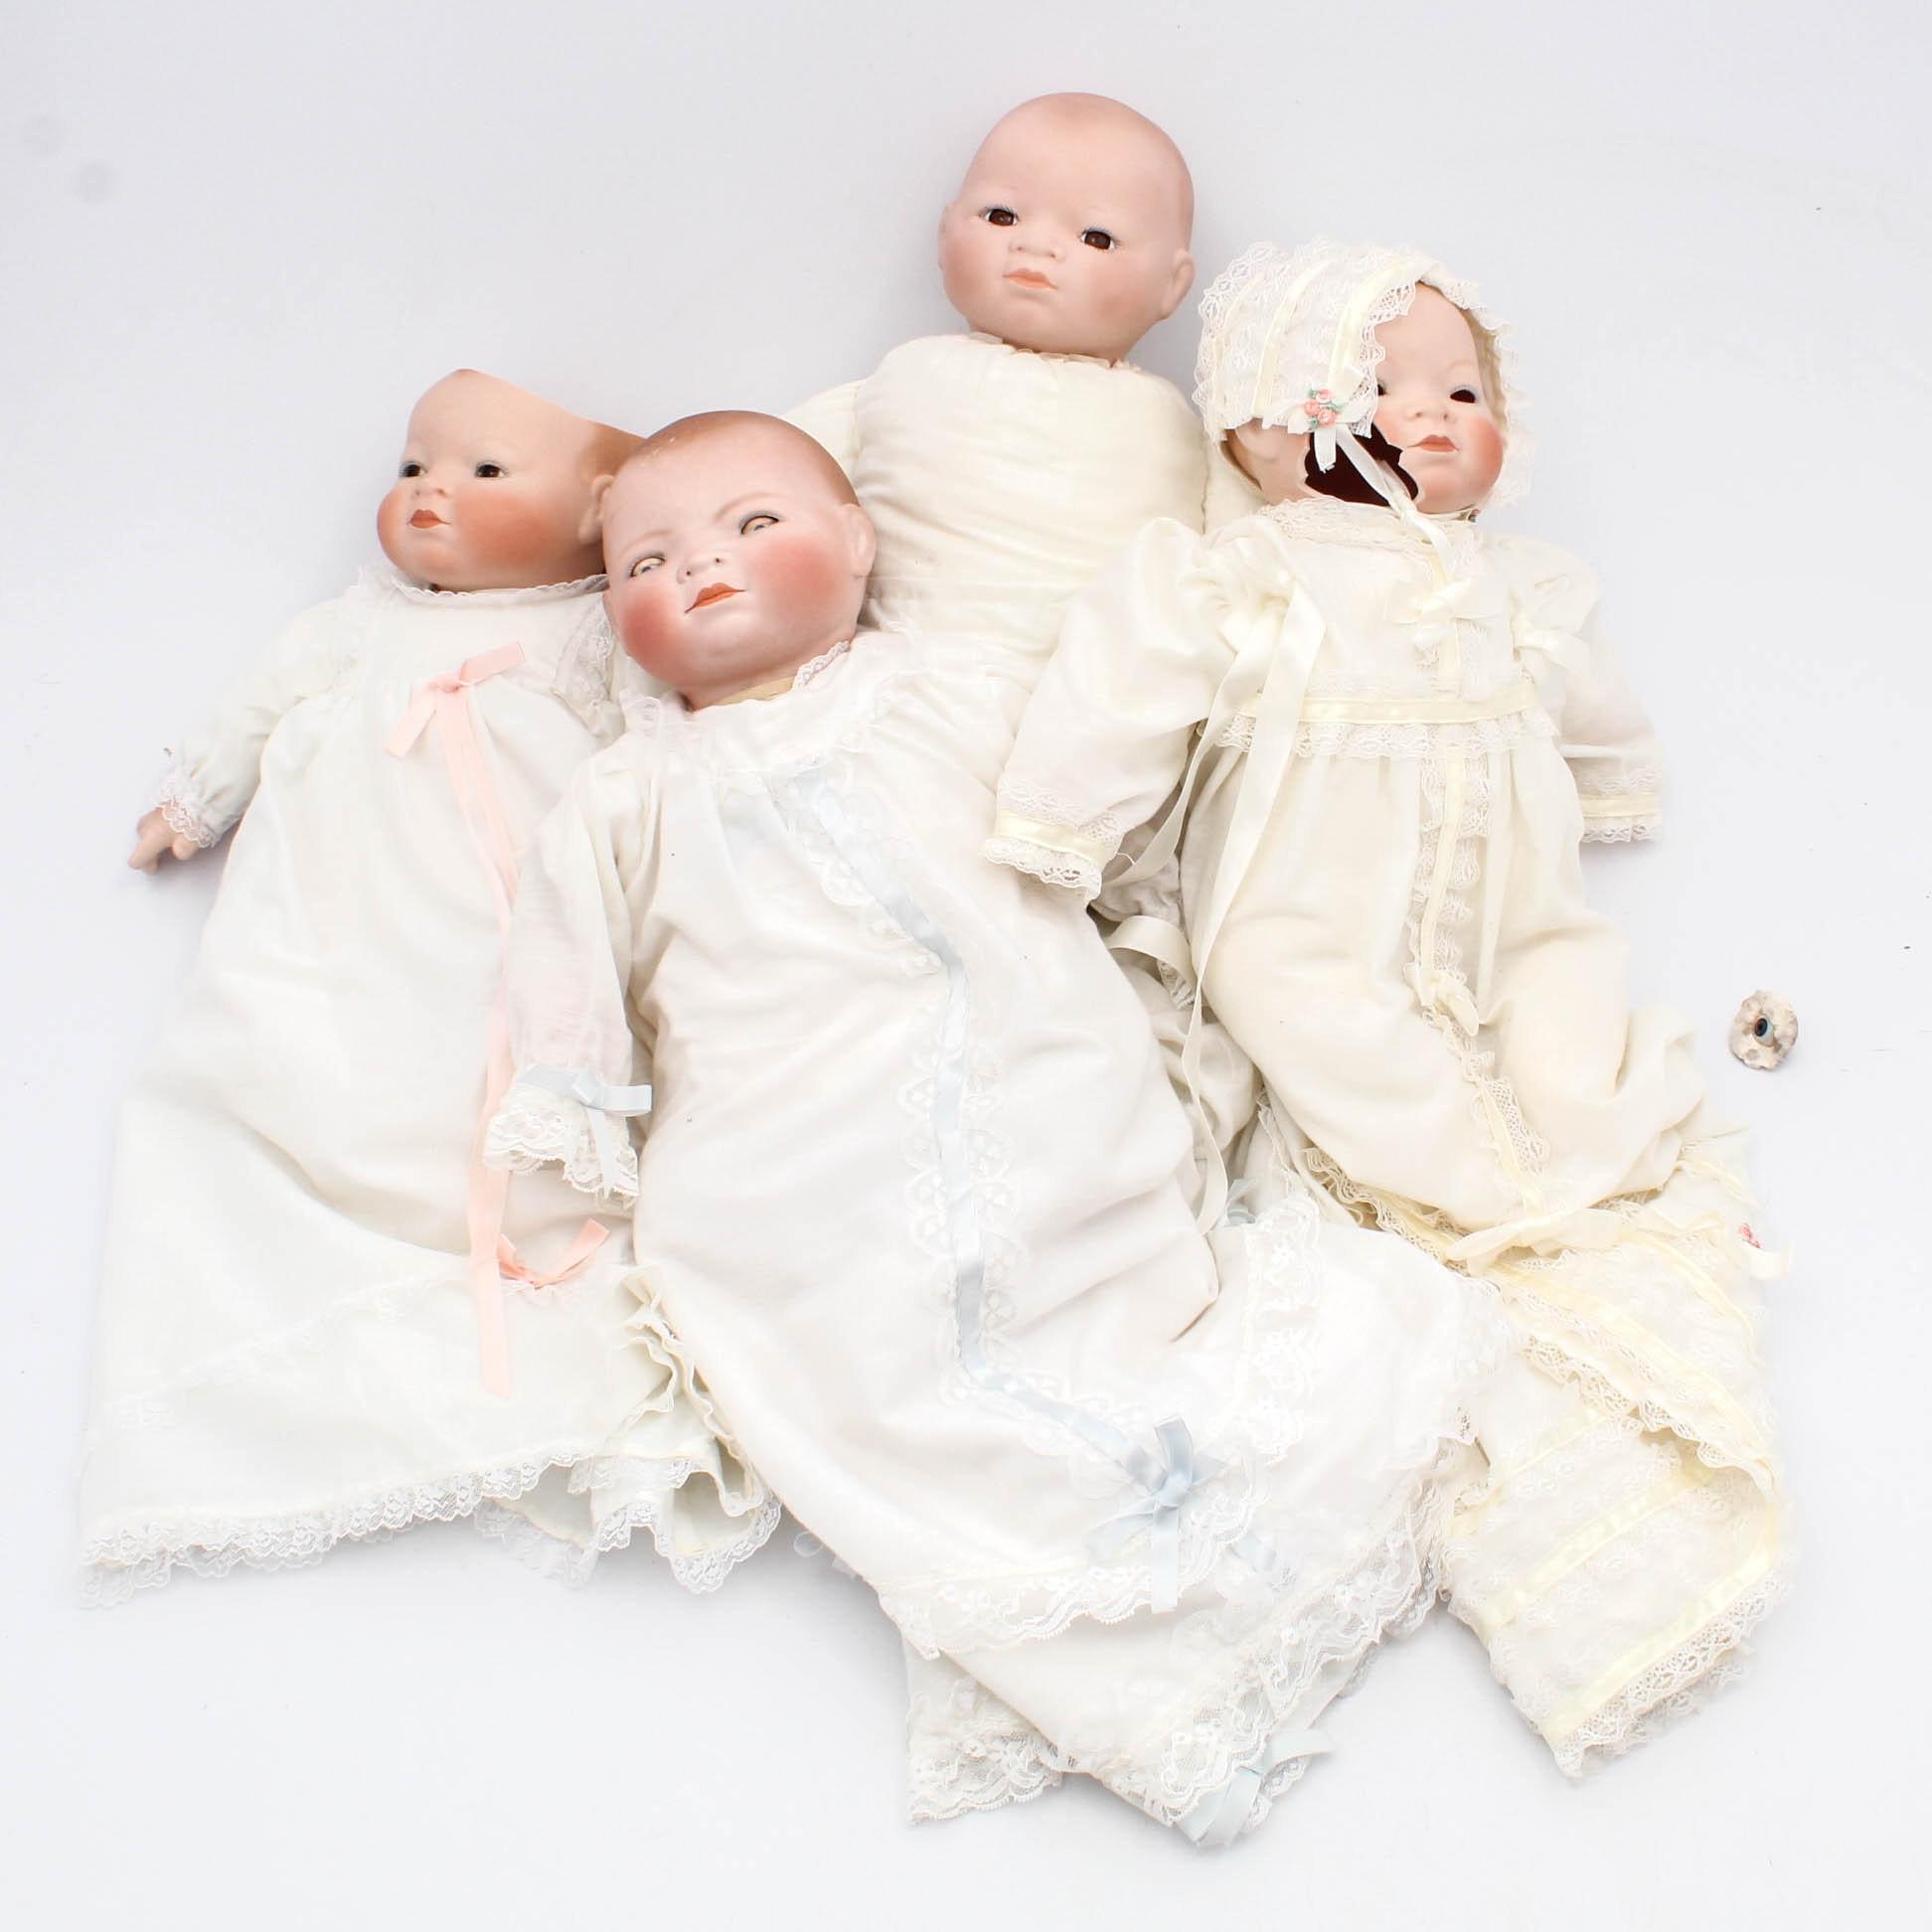 Vintage German Bisque Dolls Including Grace S. Putnam Bye-Lo